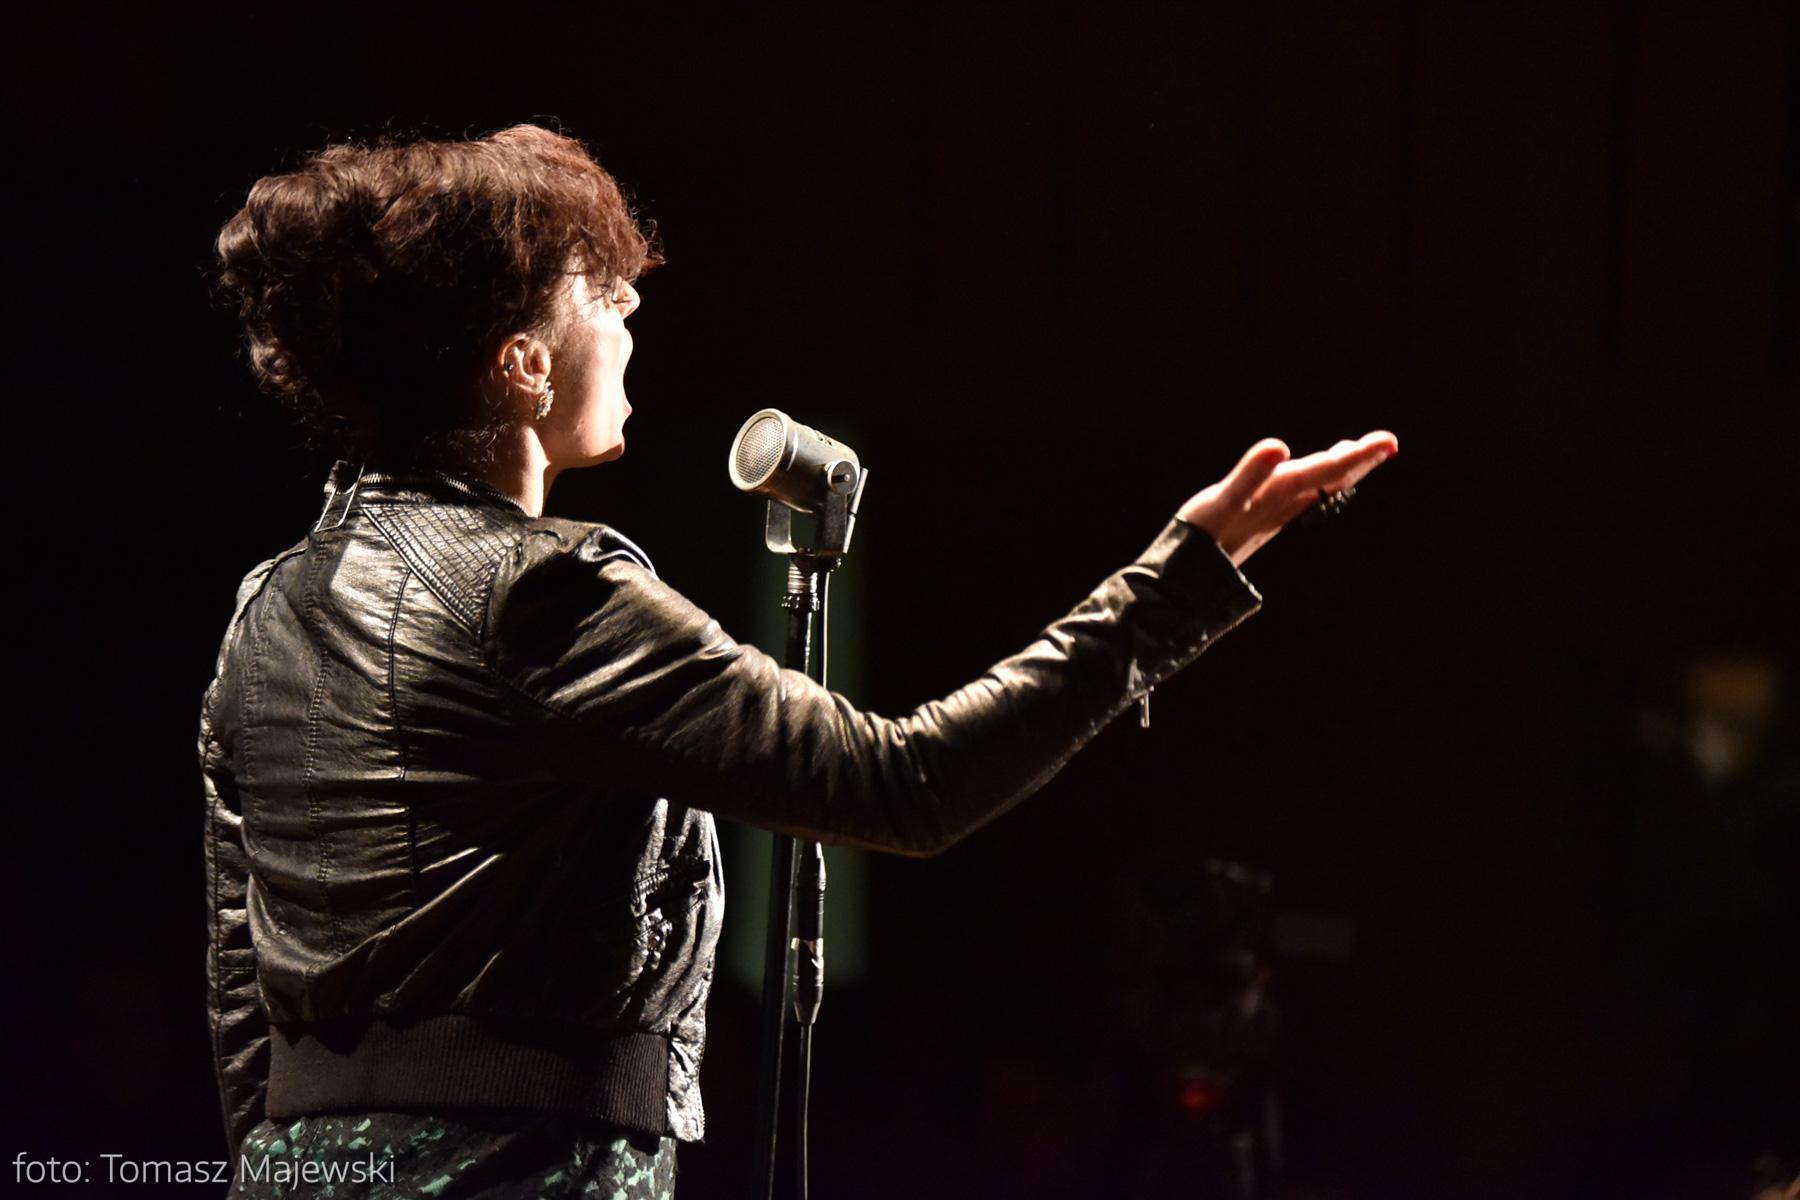 Wyjątkowy mikrofon - przy takim stała często Edith Piaf, co pokazują archiwalne fotografie